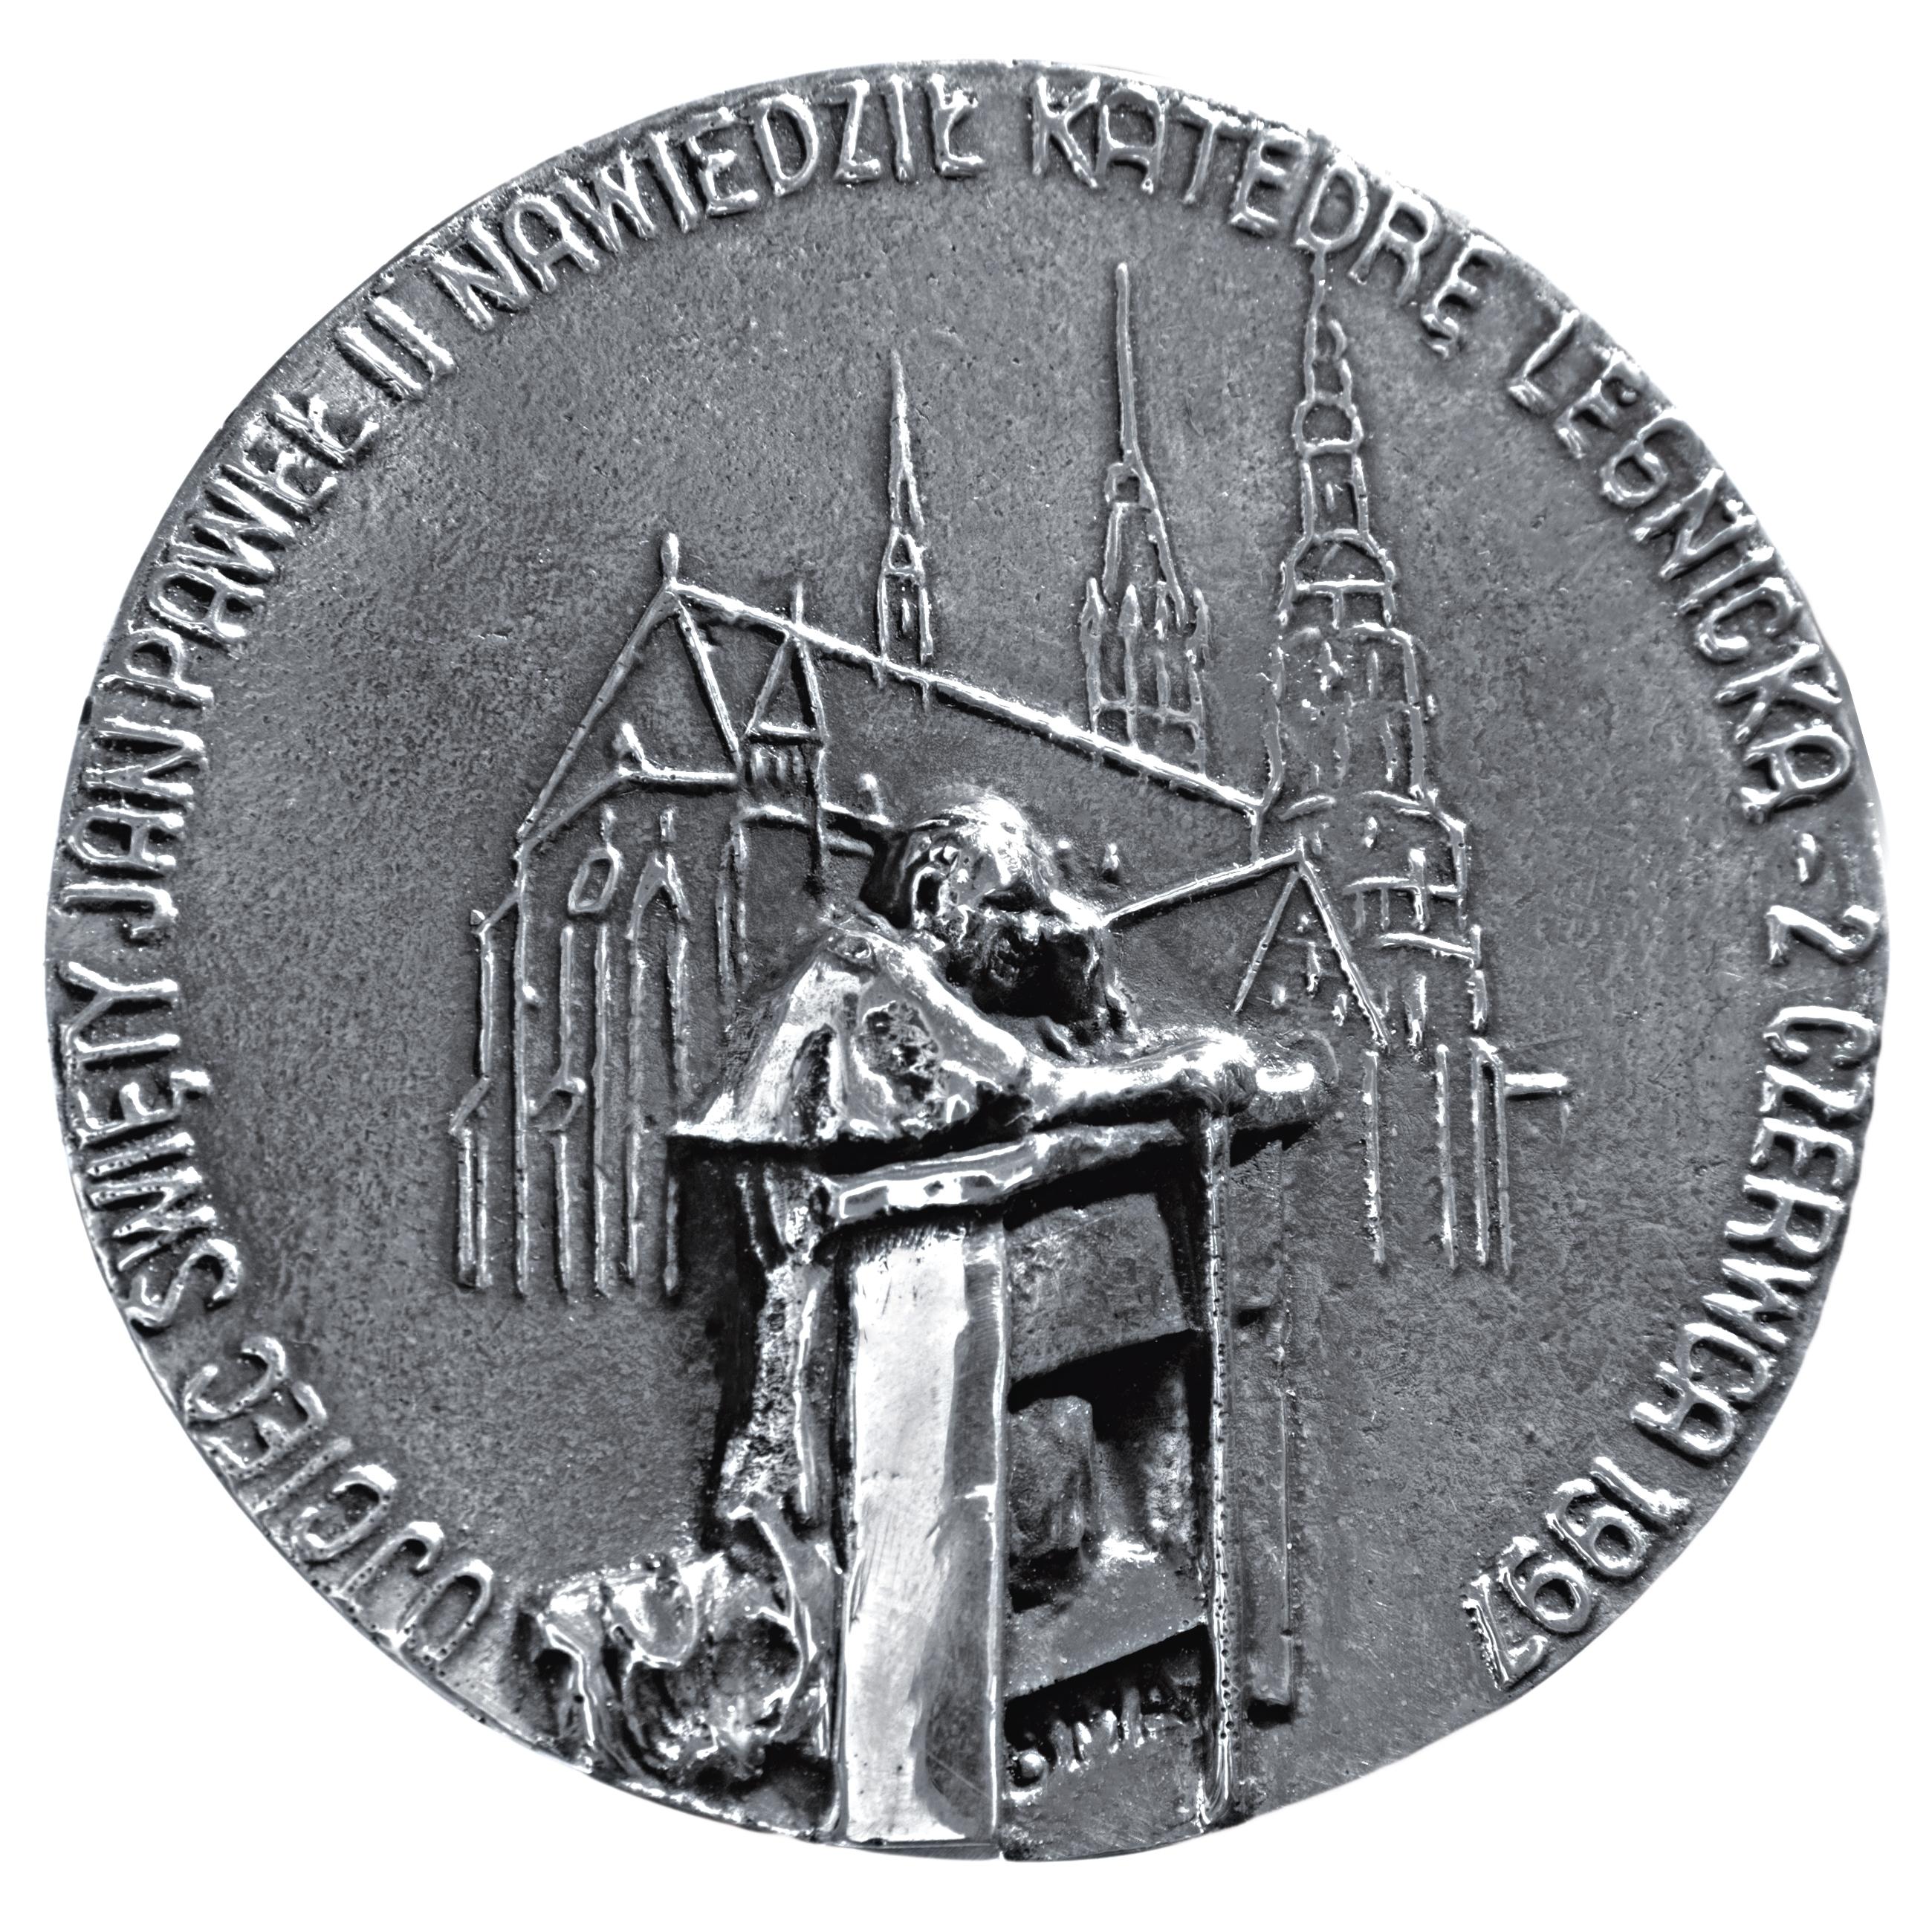 Andrzej Kołaczyński, medal dwustronny (awers), odlewany, srebro, Φ 80 mm, 2012. XV ROCZNICA POBYTU PAPIEŻA W LEGNICY